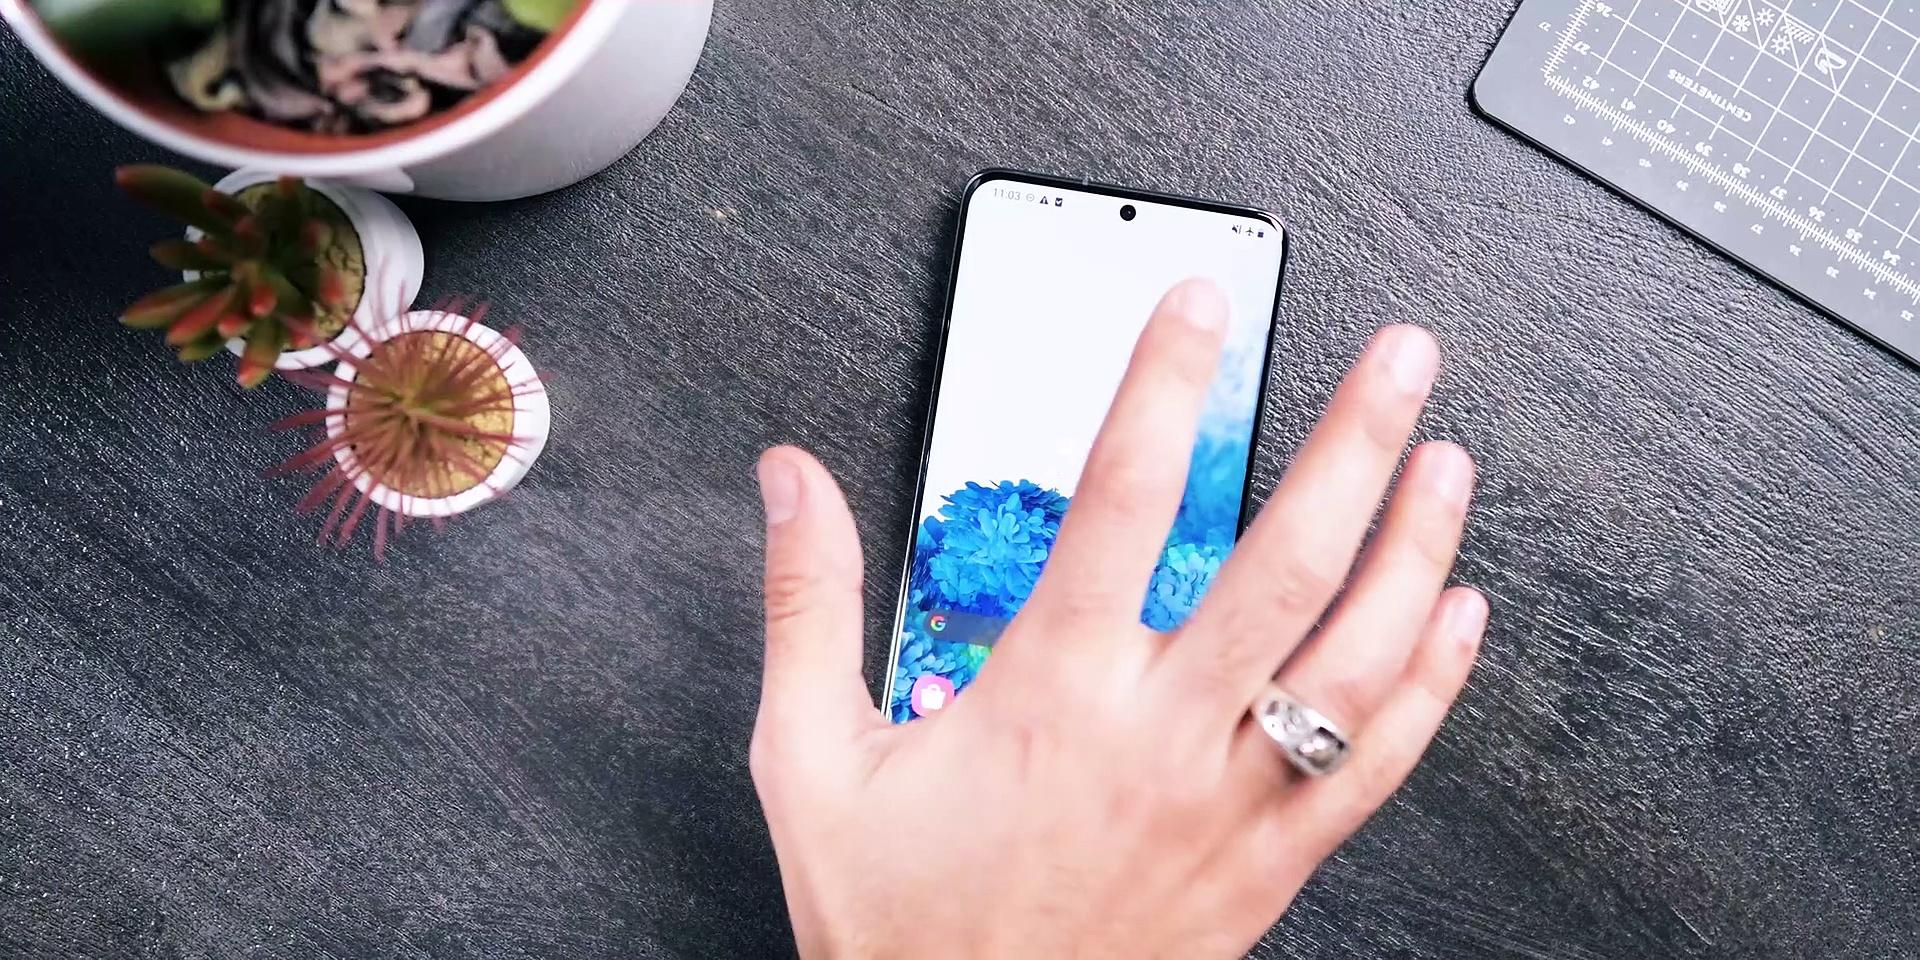 Android 11 sur les Samsung Galaxy S20 = One UI 3.0 ! Prise en main des 4 nouveautés